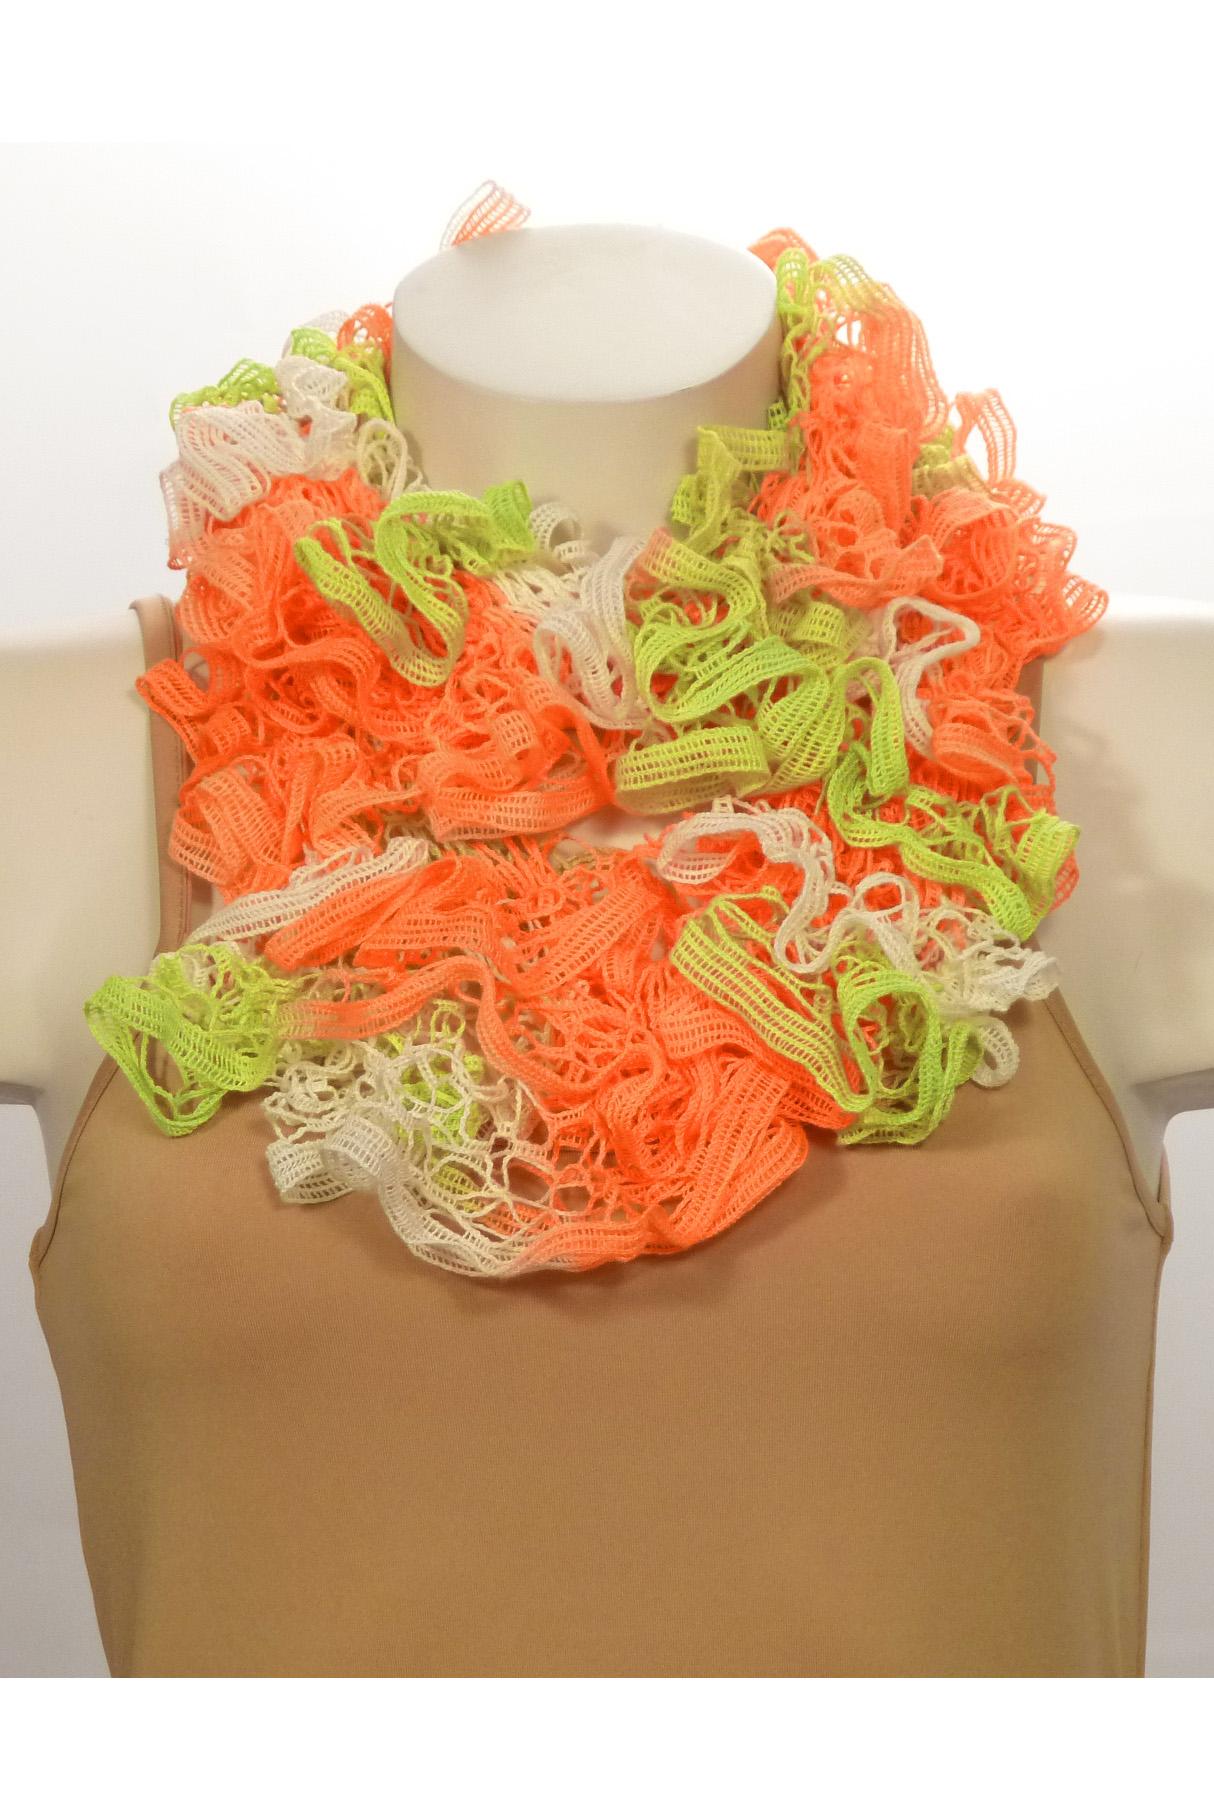 ШарфШарфы<br>Вязанный шарф придаст вашему образу романтичности. Этот удобный длинный кружевной шарф вяжут оригинальным узором,  который позволяет создать эффектные воланы.  Длина шарфа 1,5 метра.  В изделии использованы цвета: оранжевый, салатовый и др.<br><br>По сезону: Зима<br>Размер : UNI<br>Материал: Вязаное полотно<br>Количество в наличии: 2